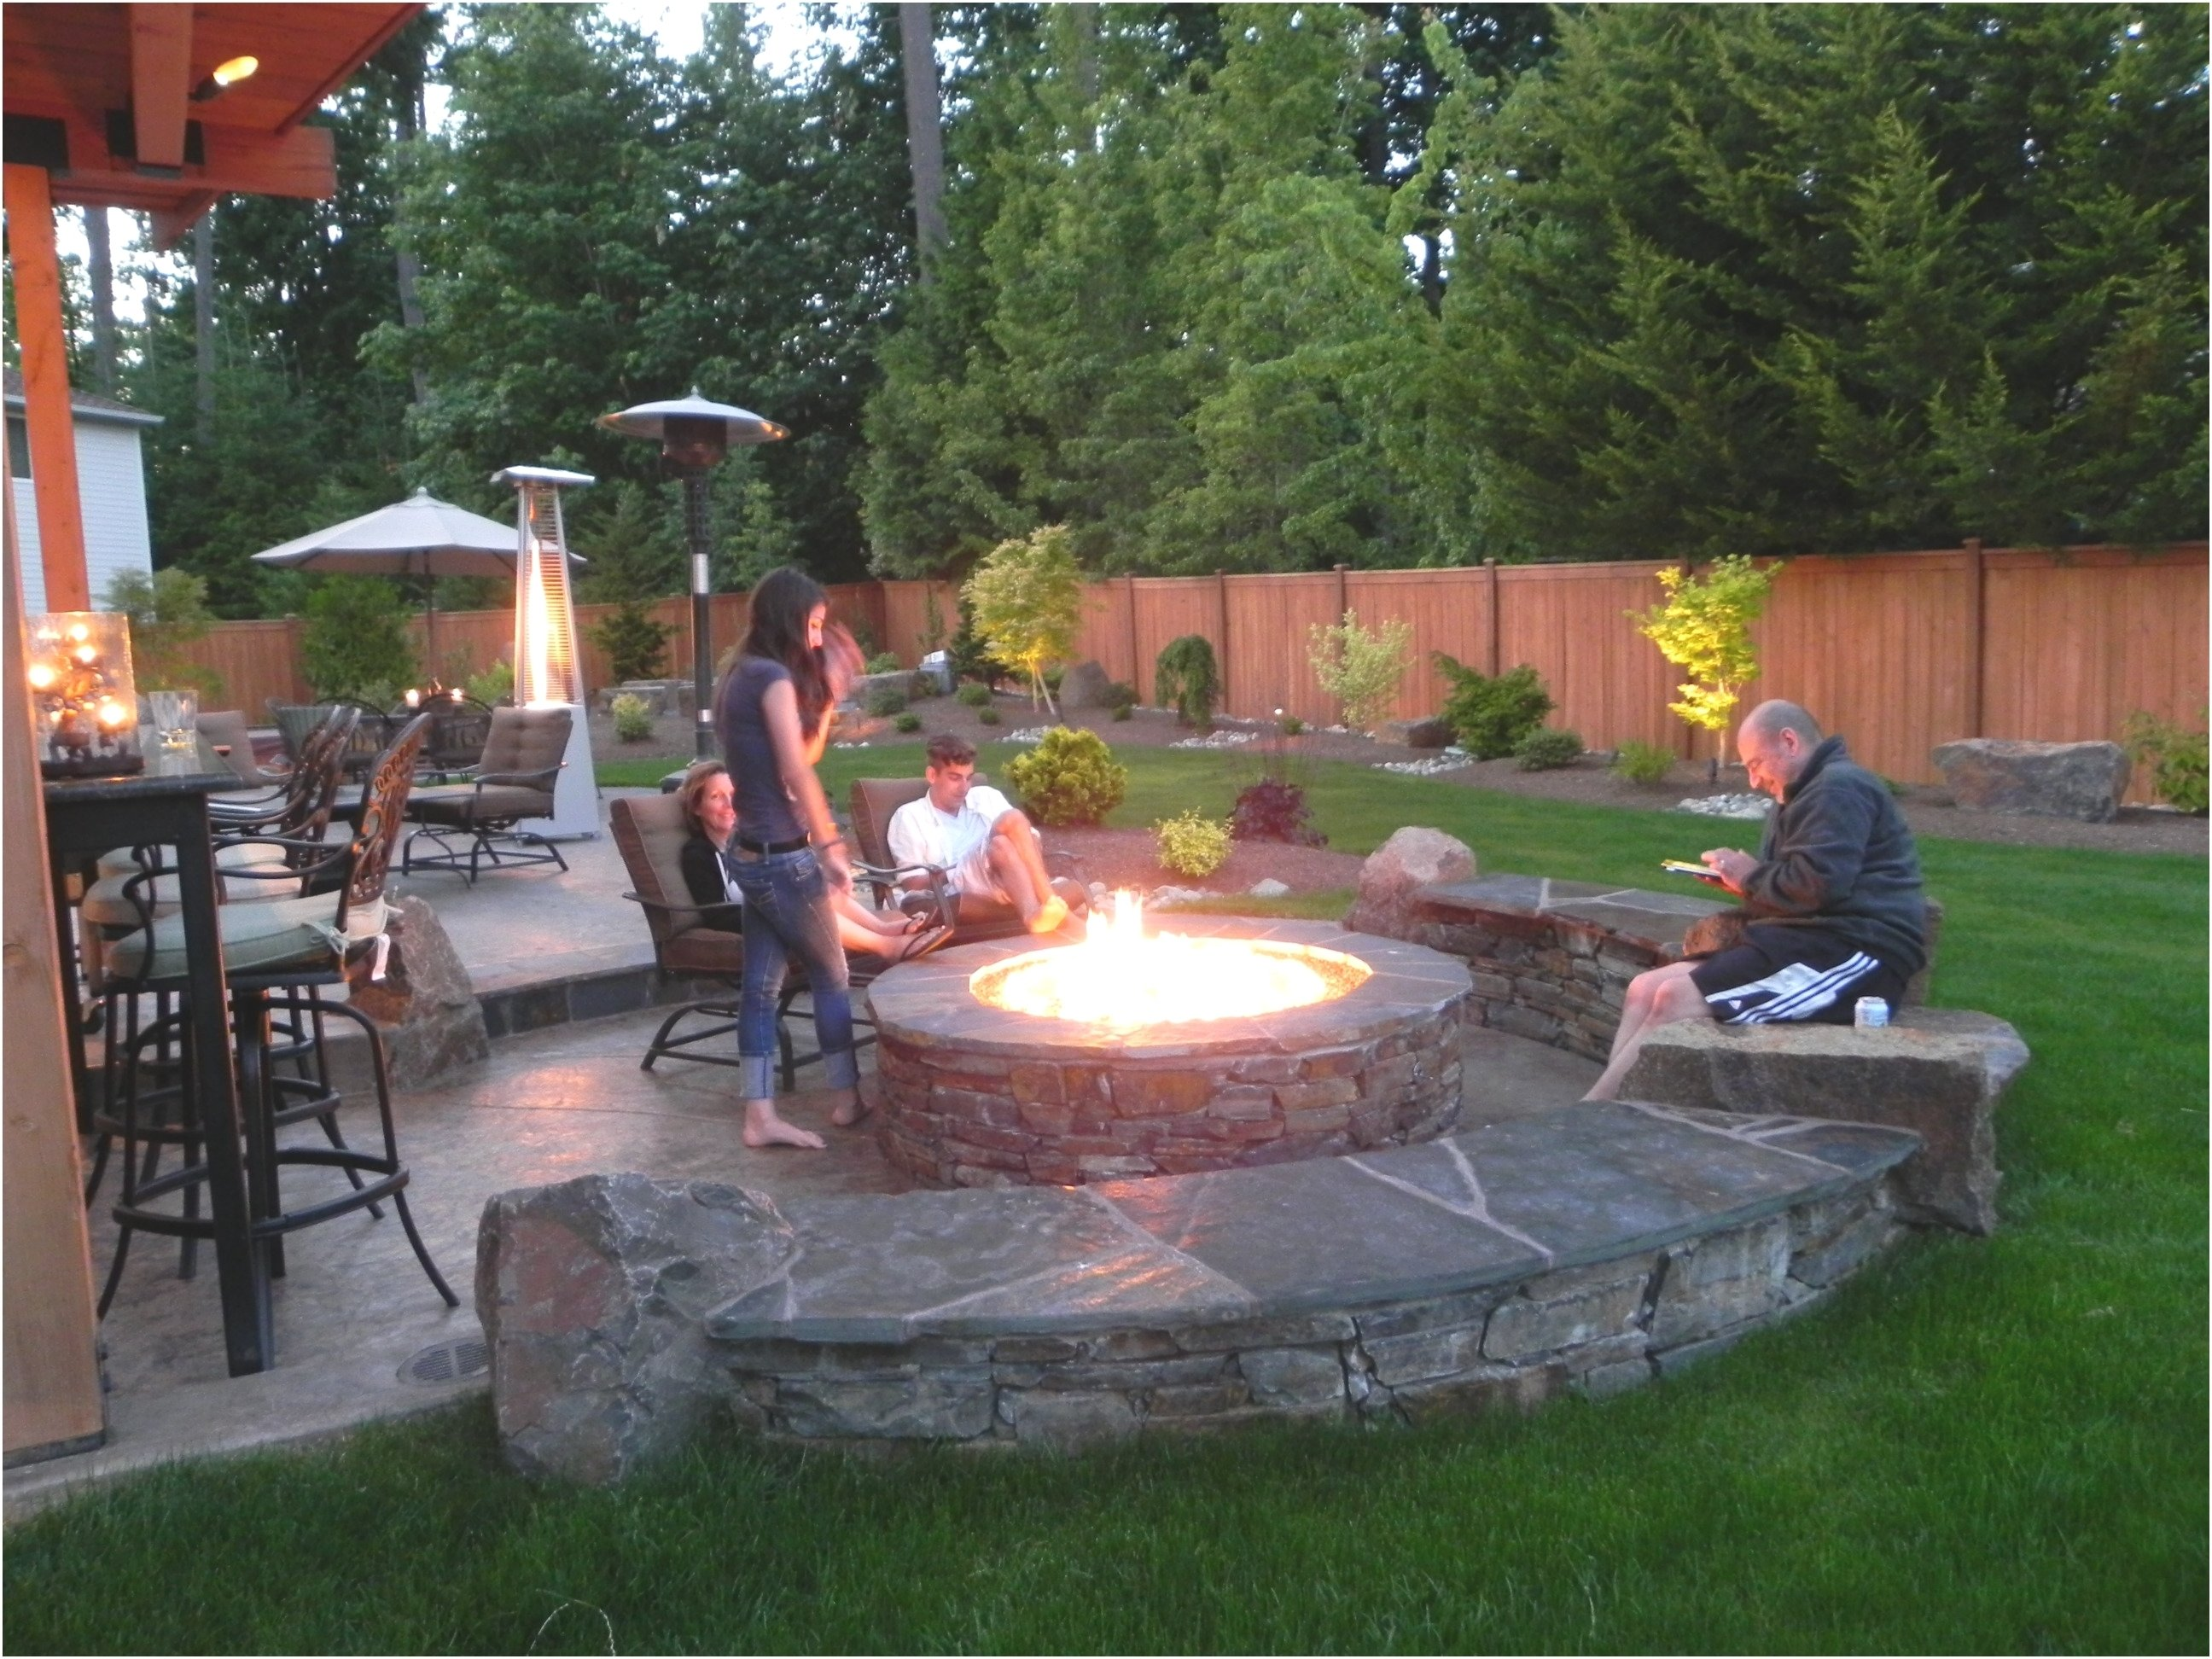 10 Great Outdoor Fire Pit Ideas Backyard backyard fire pit ideas best of best 25 backyard fire pits ideas on 2020